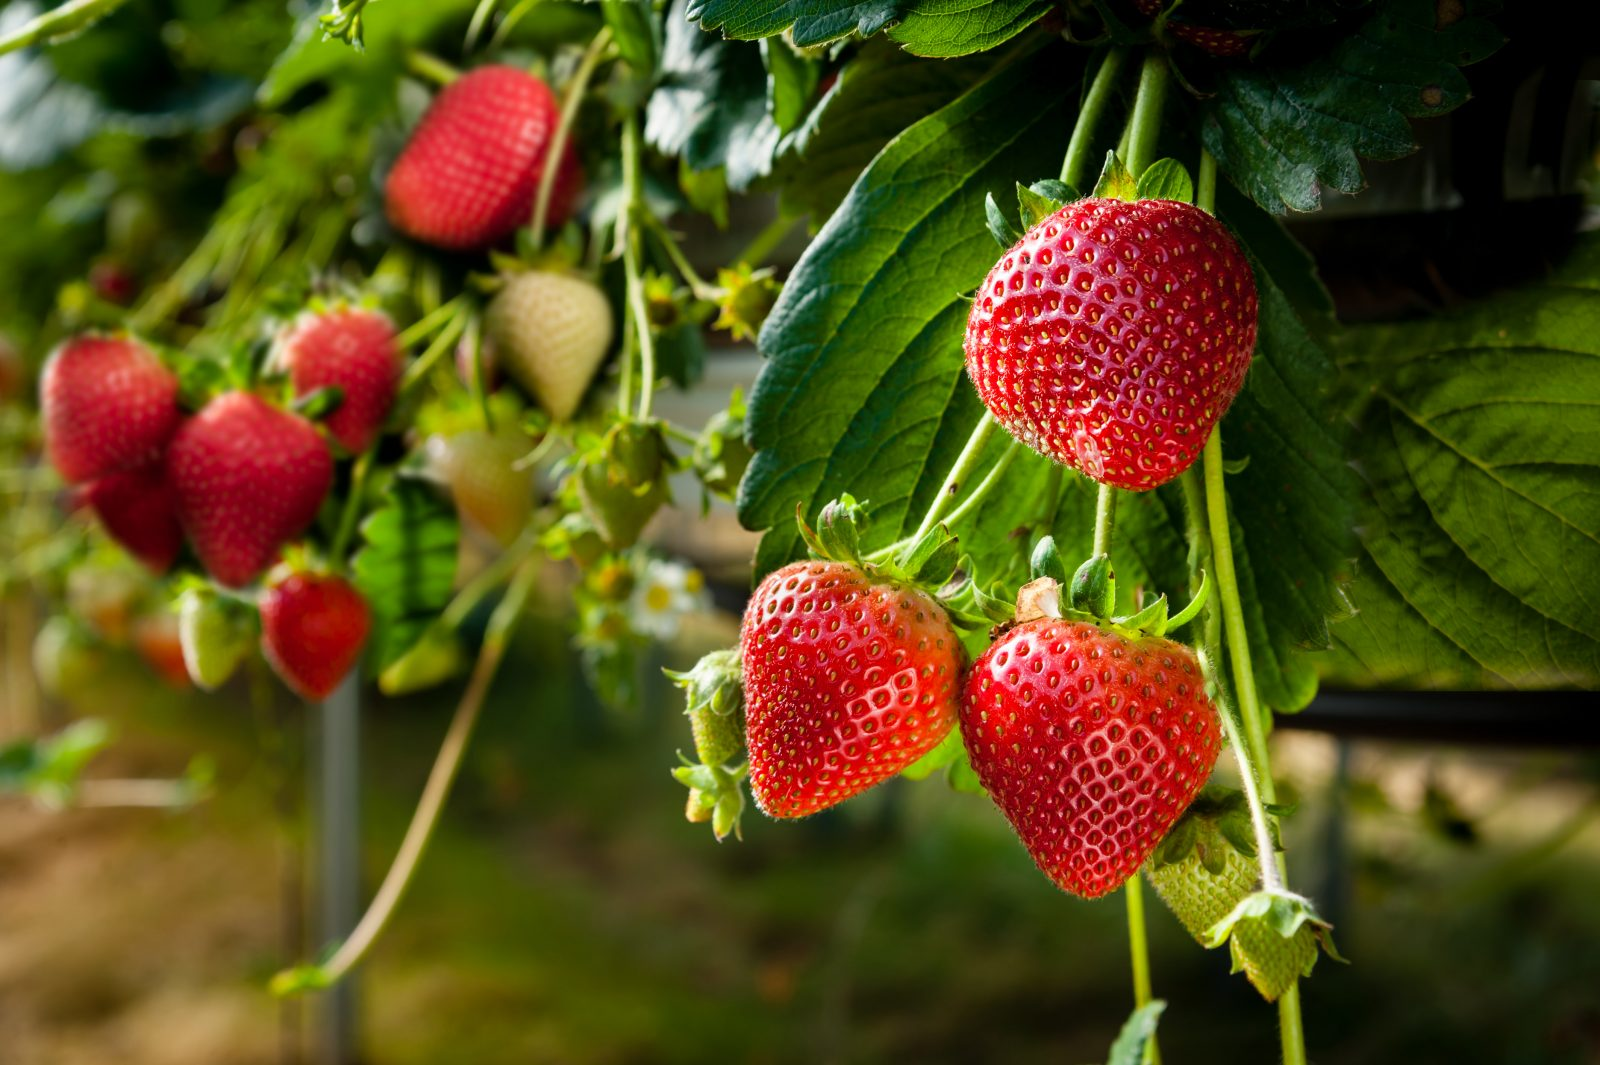 Un début de saison tardif pour les producteurs de fraises et framboises